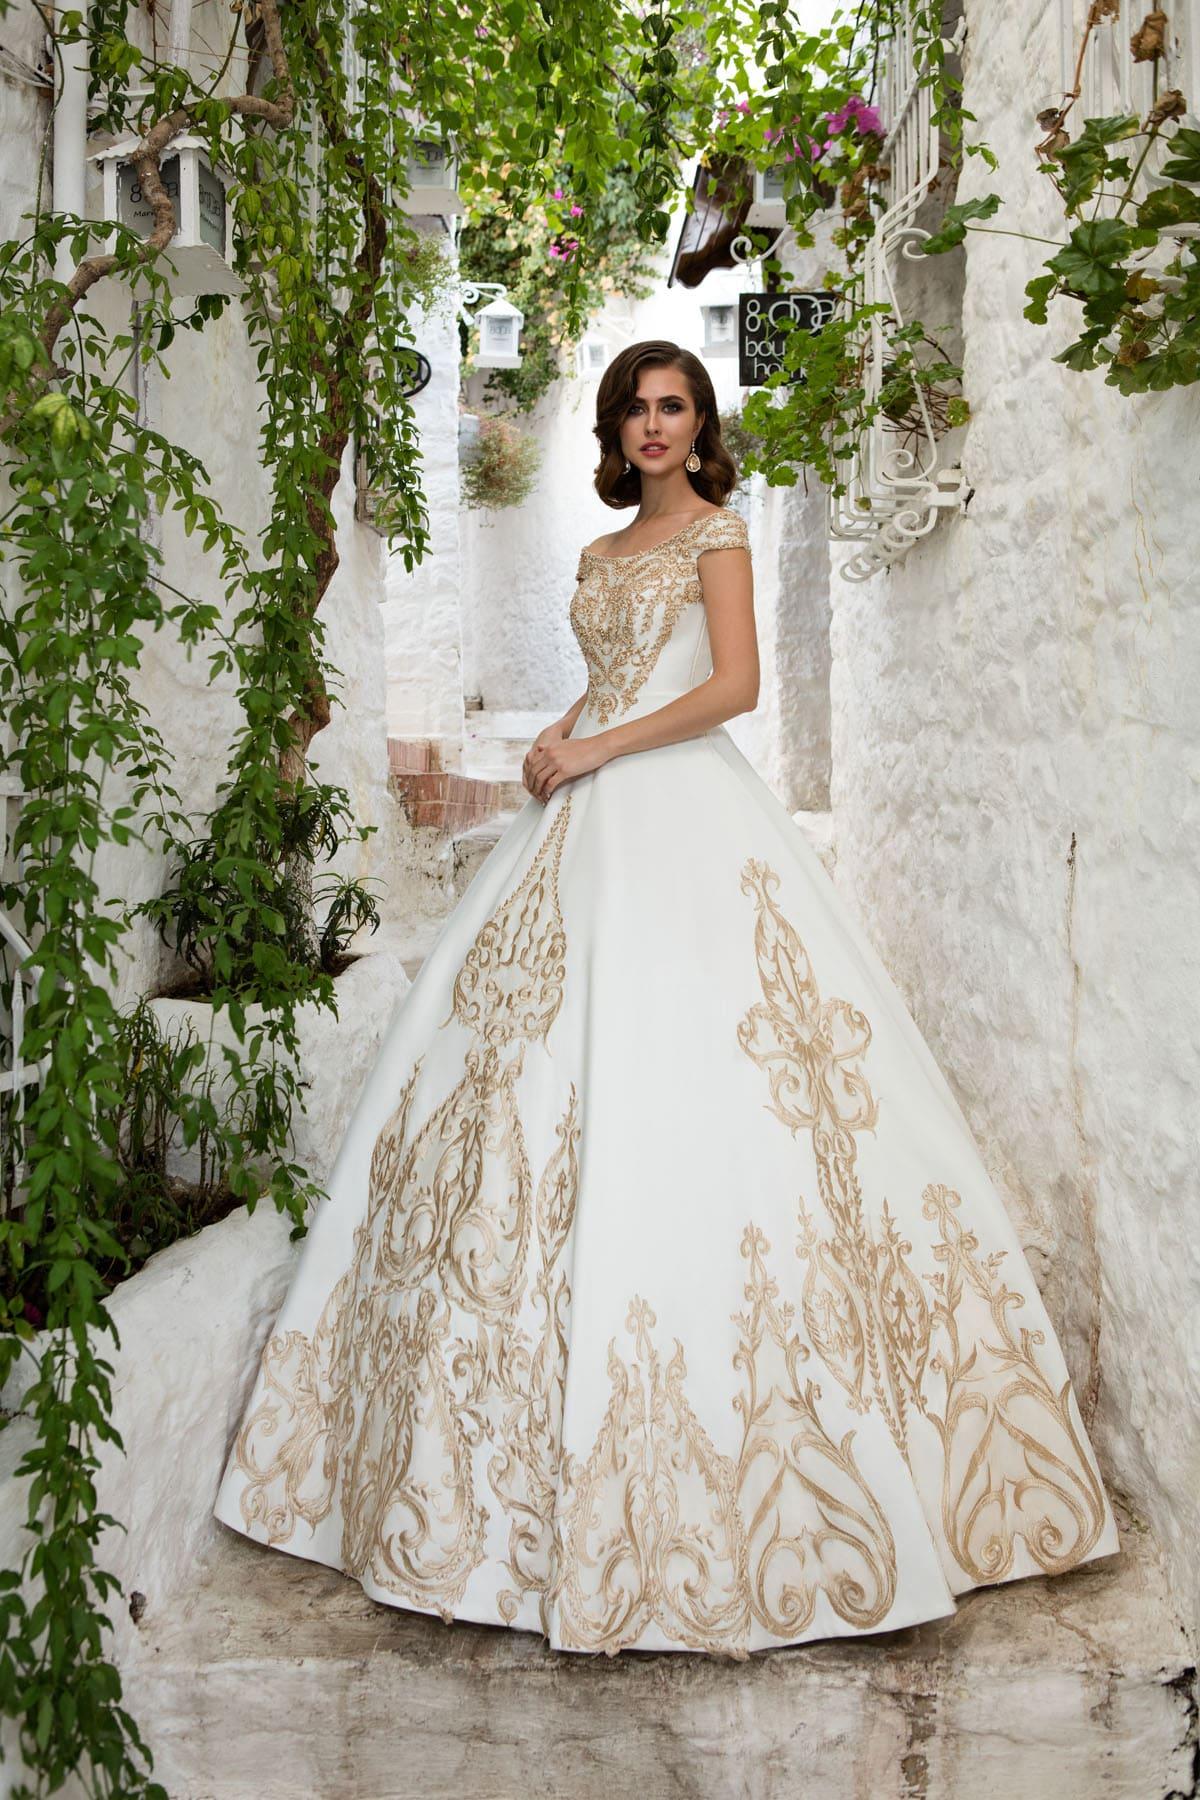 909abdf43ef595a Оригинальное свадебное платье с пышной юбкой, оформленное золотистой  вышивкой.